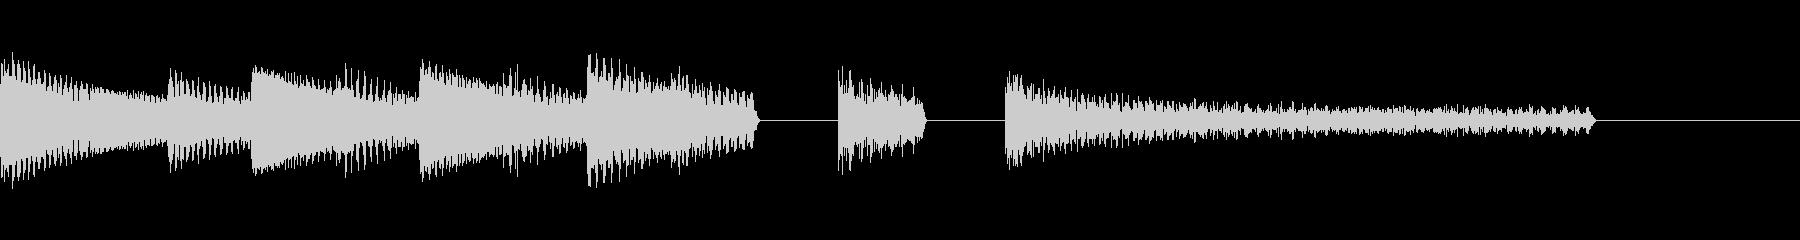 ファミコン ゲームオーバーの未再生の波形